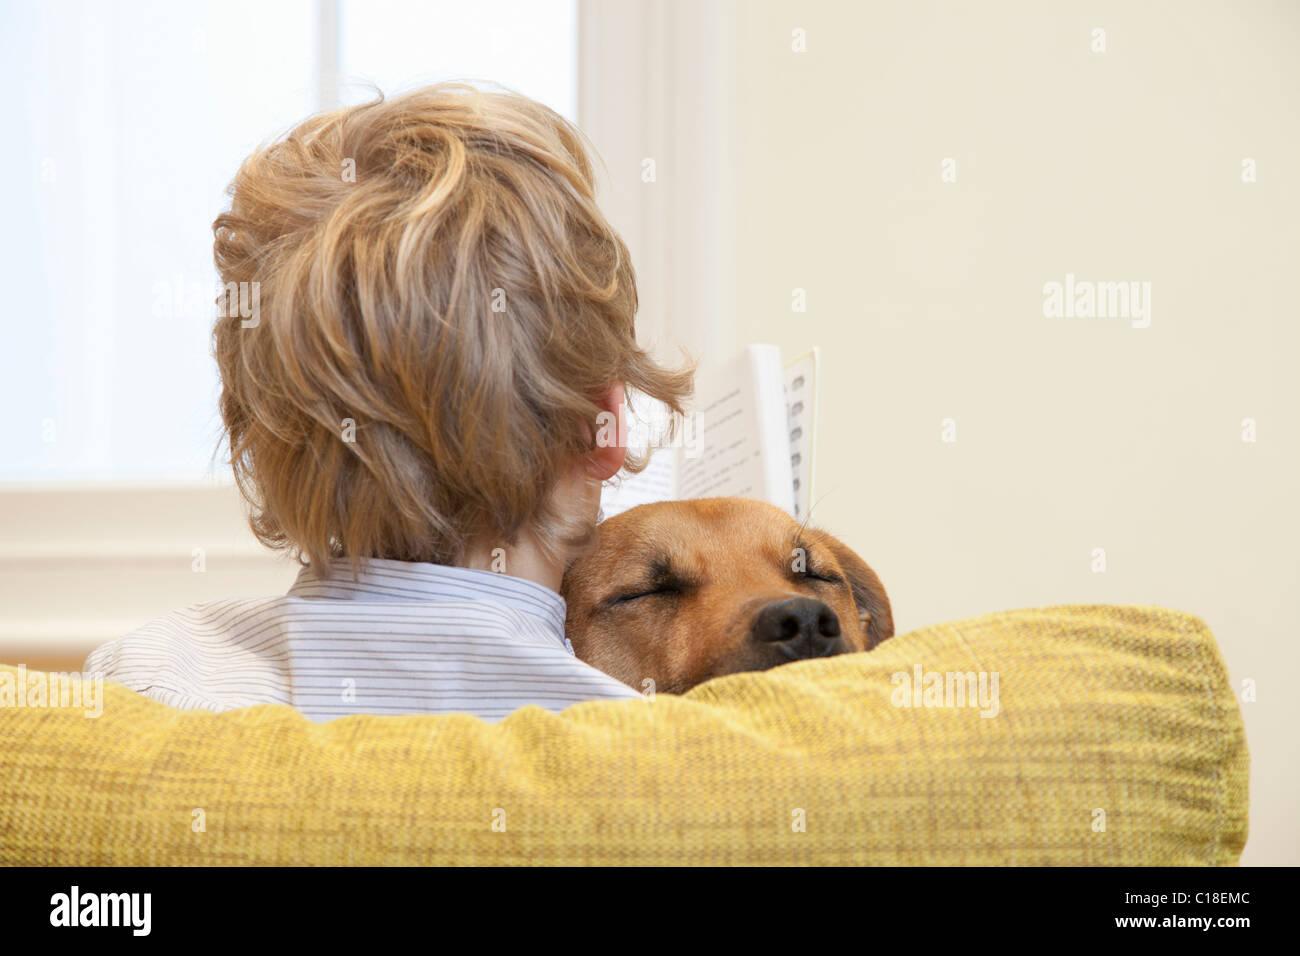 Boy reading whilst cuddling dog - Stock Image